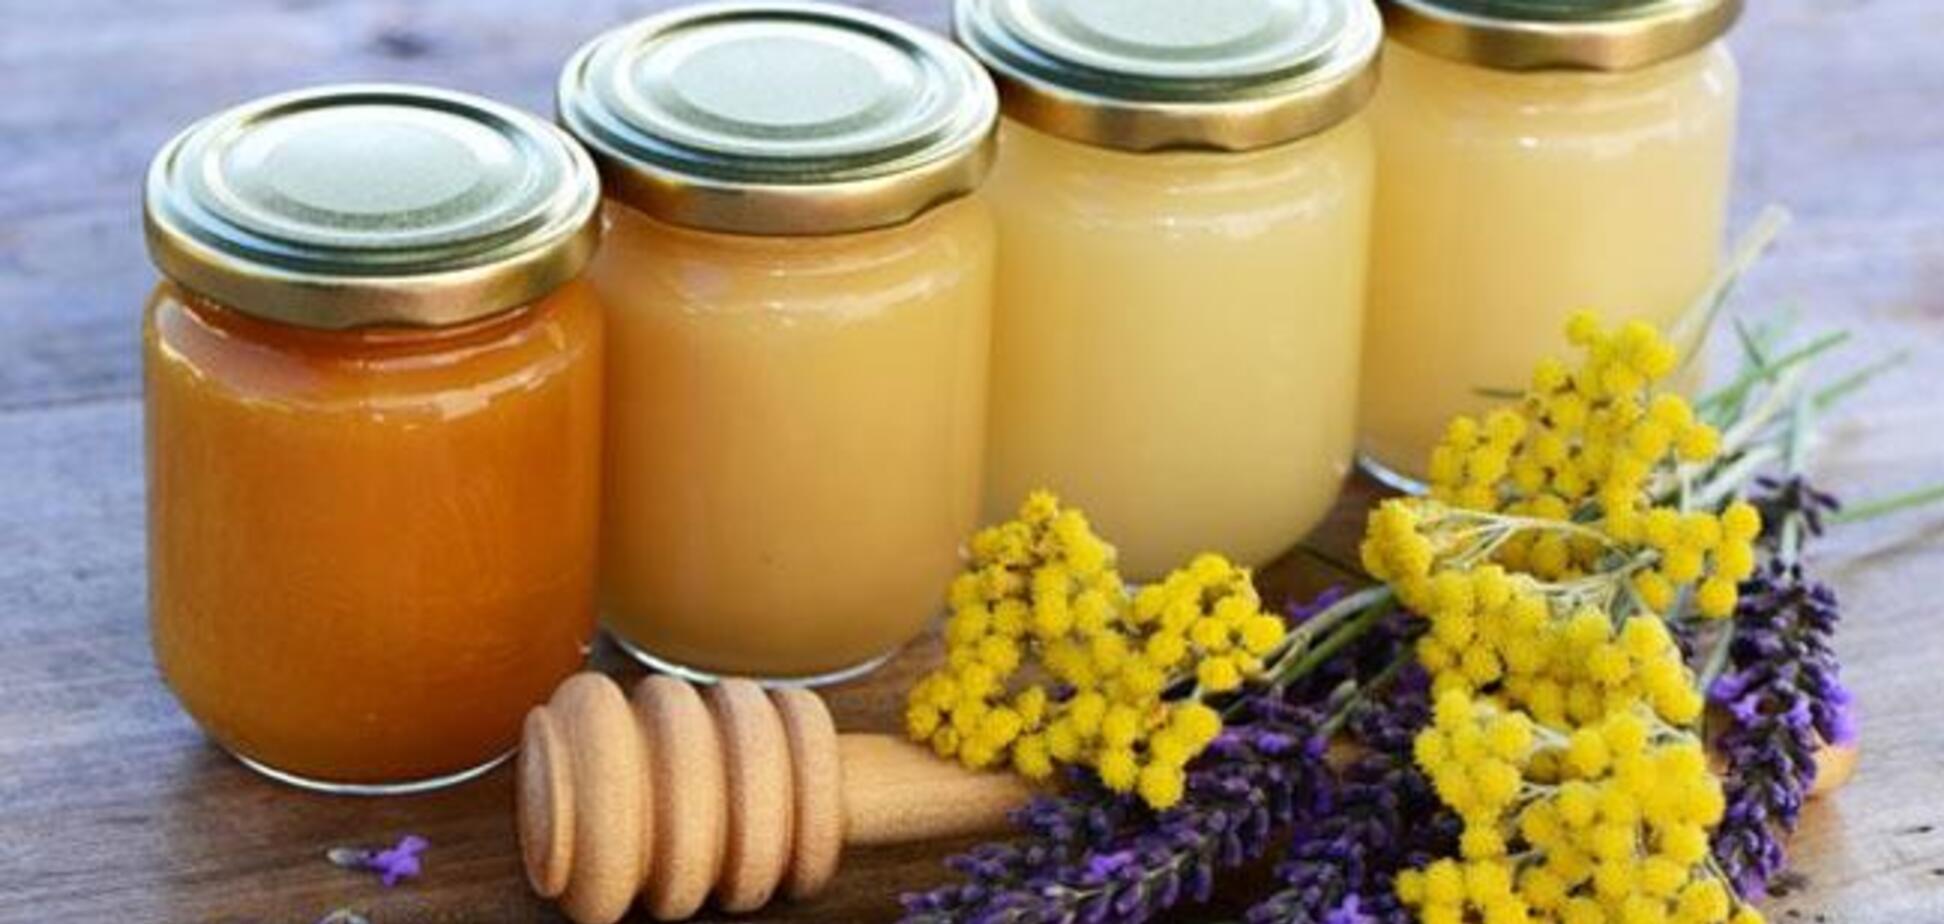 З 29 тільки 7 зразків українського меду виявилися якісними